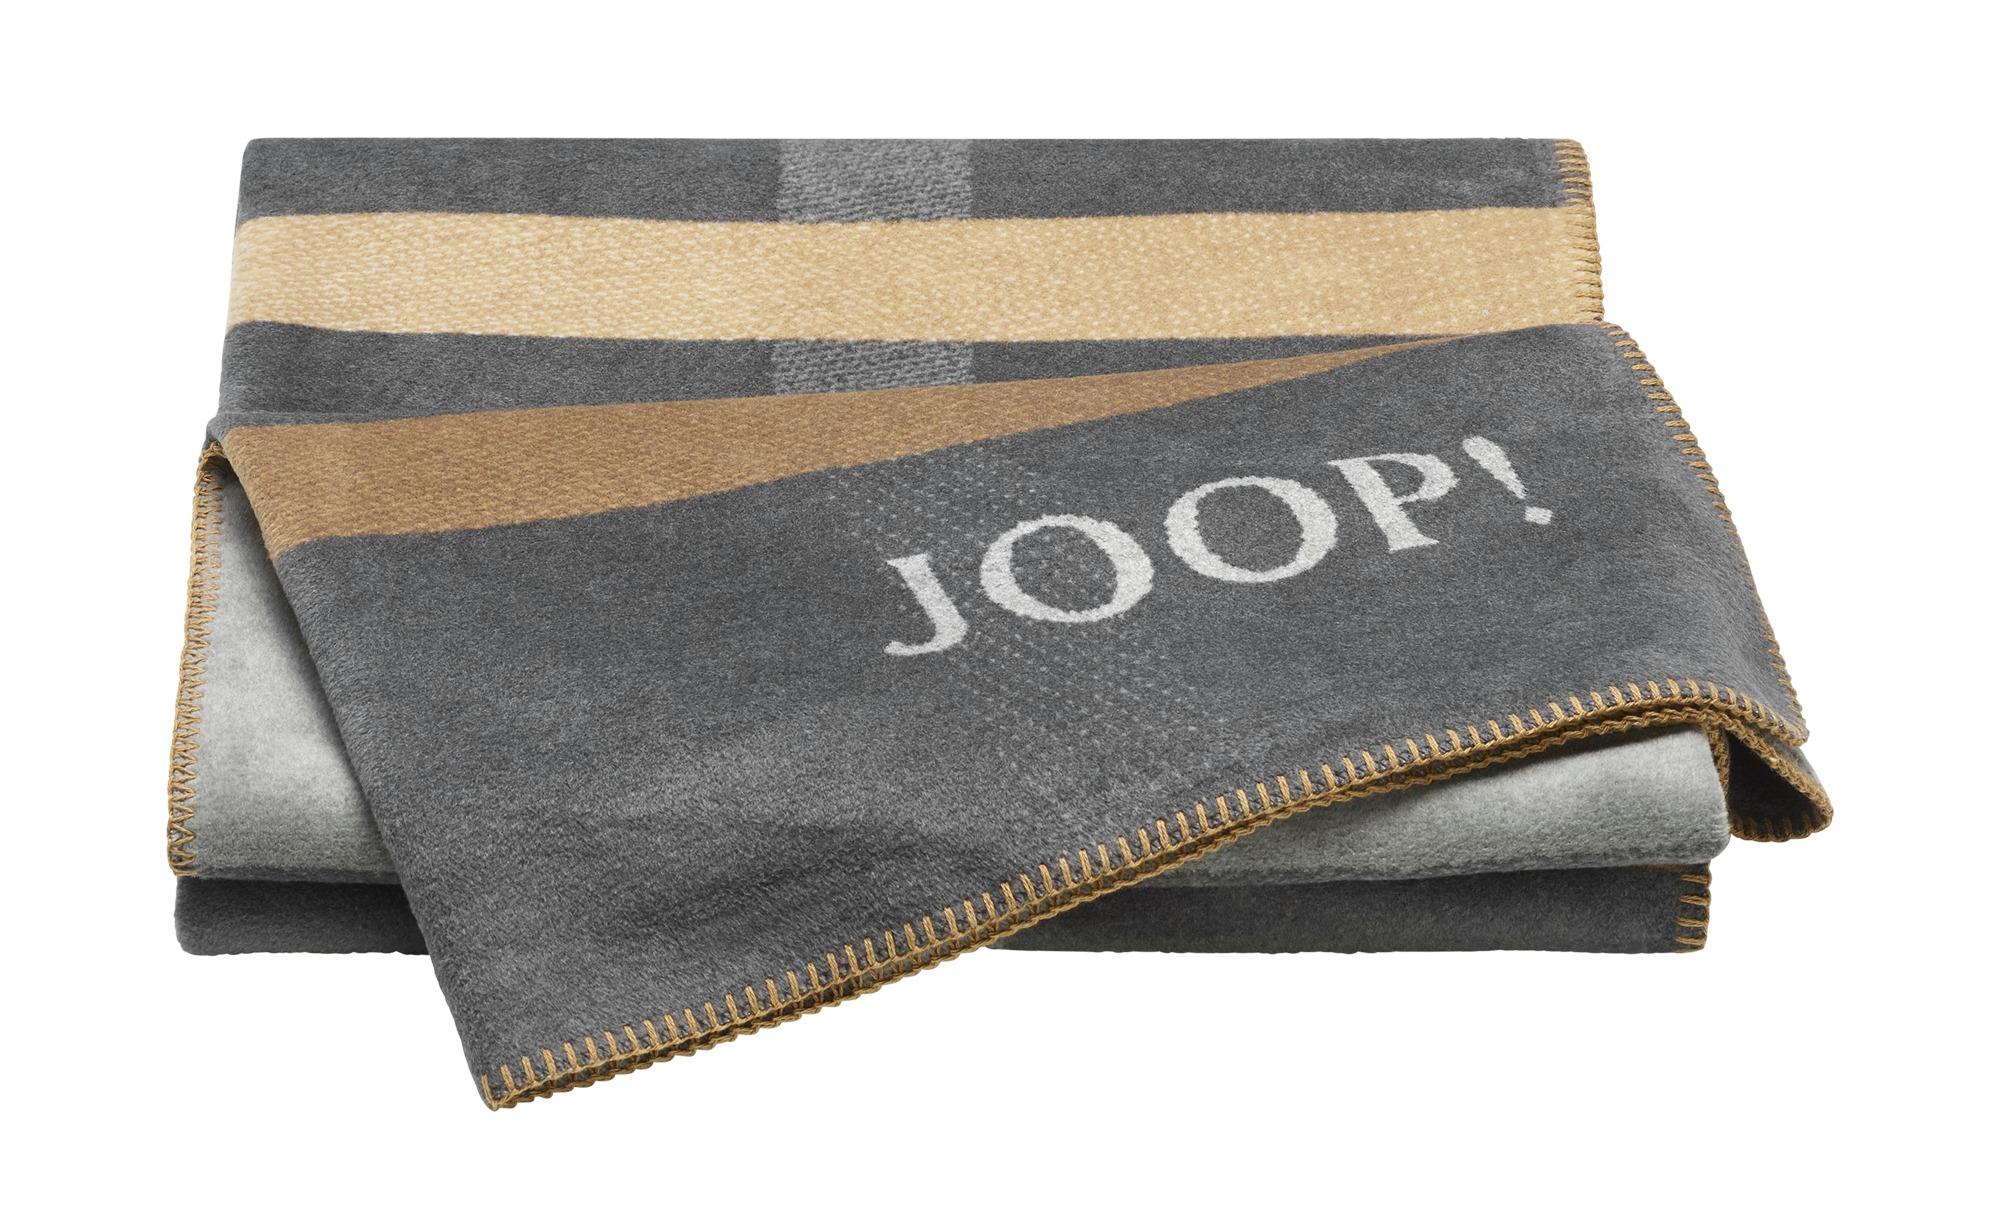 JOOP! Wohndecke  JOOP! Square ¦ grau ¦ 58% Baumwolle, 35% Polyacrylnitril (Dralon), 7% Polyester  ¦ Maße (cm): B: 150 Heimtextilien > Kuscheldecken - Höffner